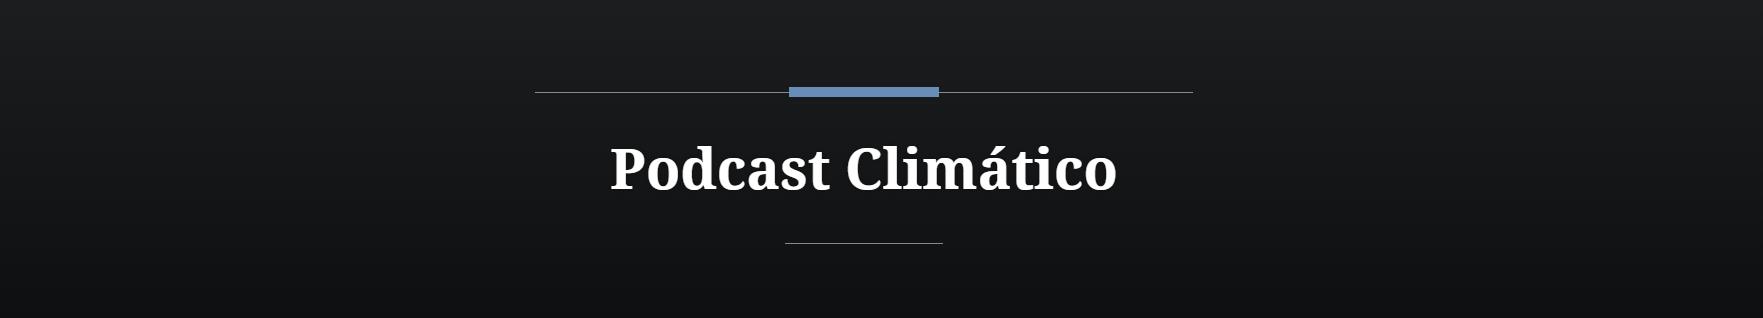 Poscast Climático La Ruta del Clima